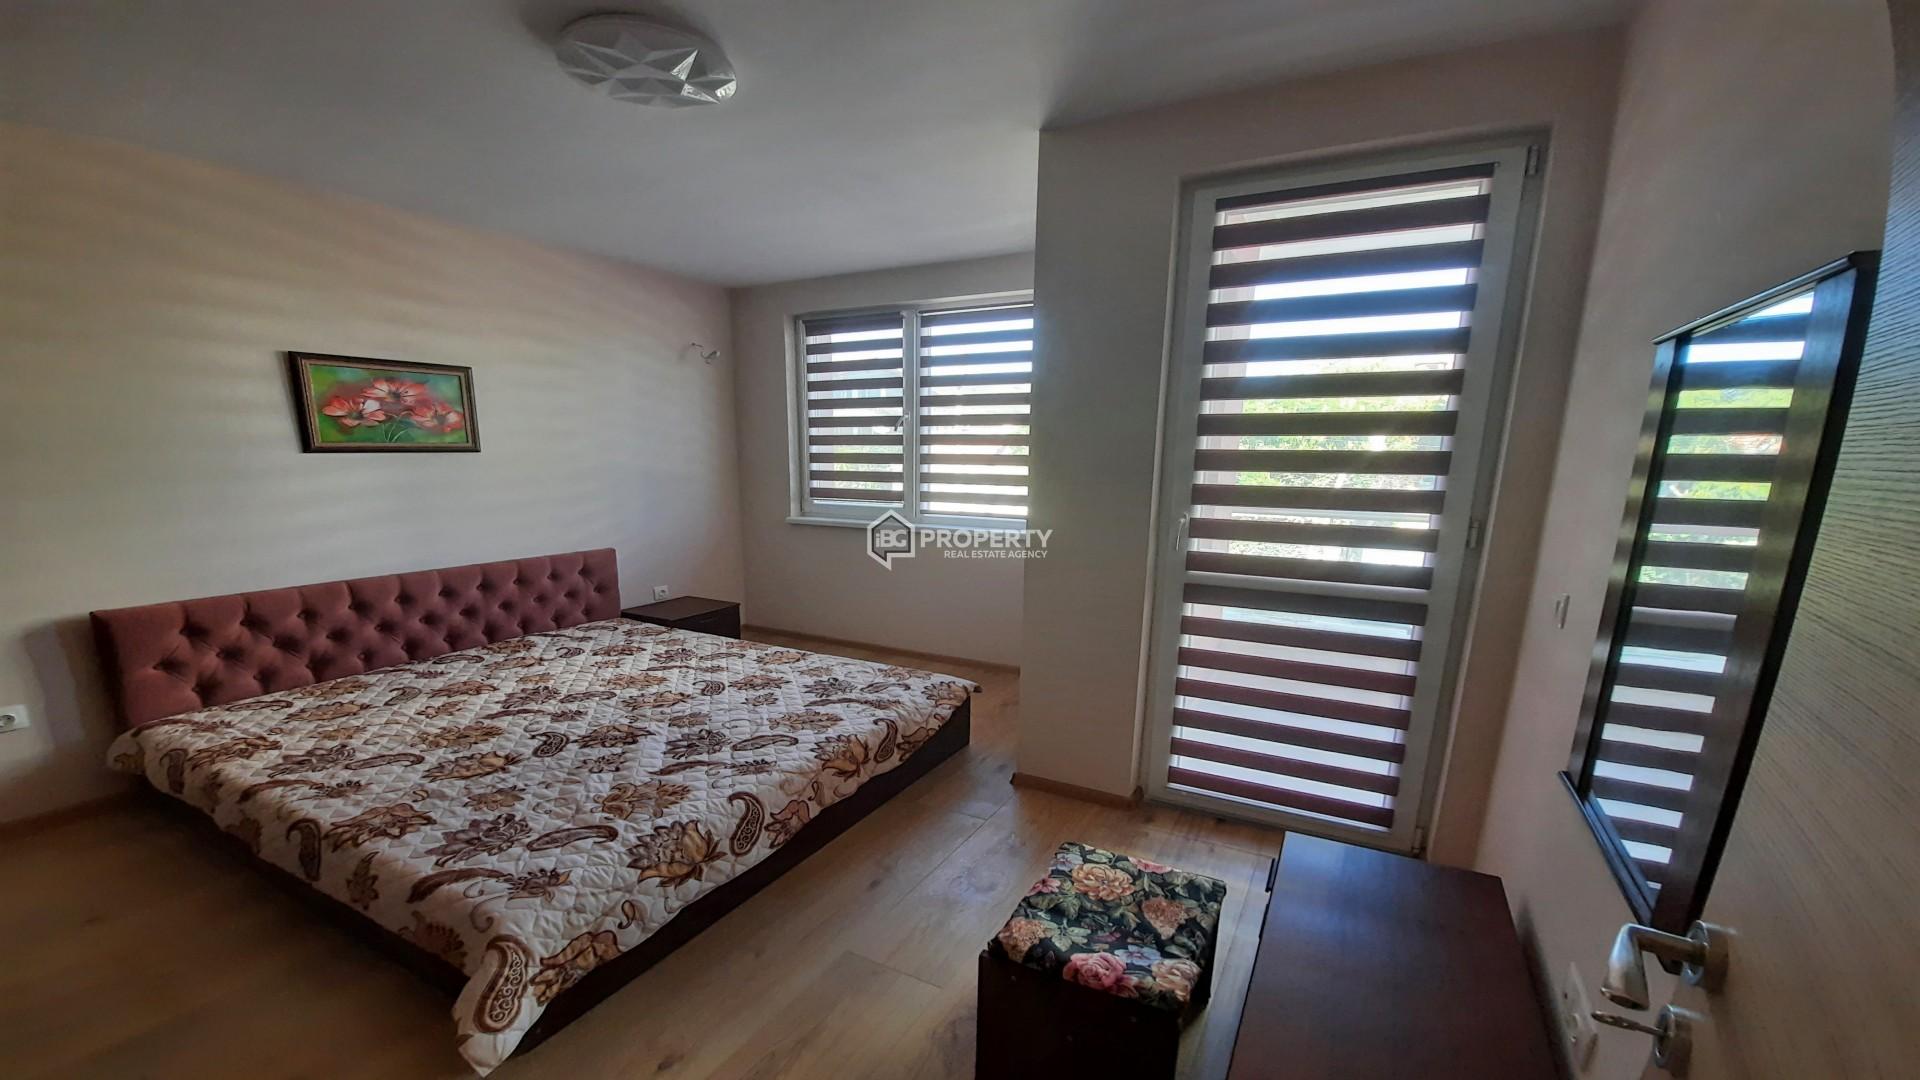 Двухкомнатная квартира Варна, Виница 60 m2